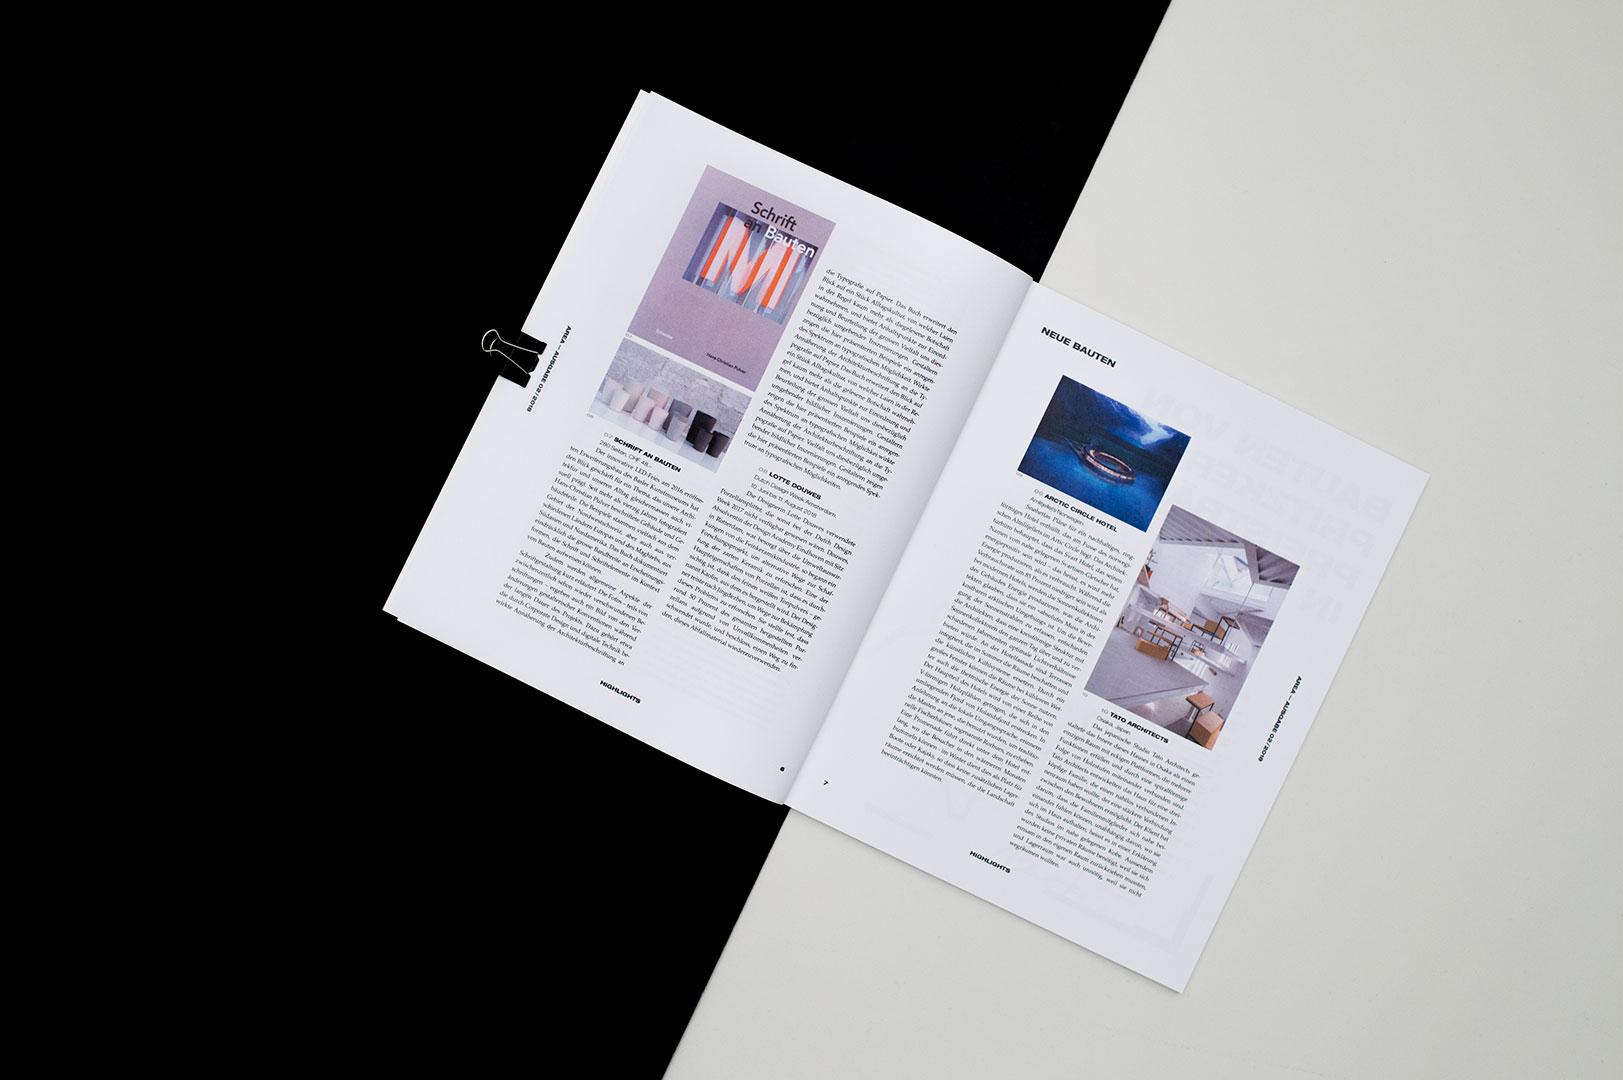 Architektur_Magazine043-2.jpg